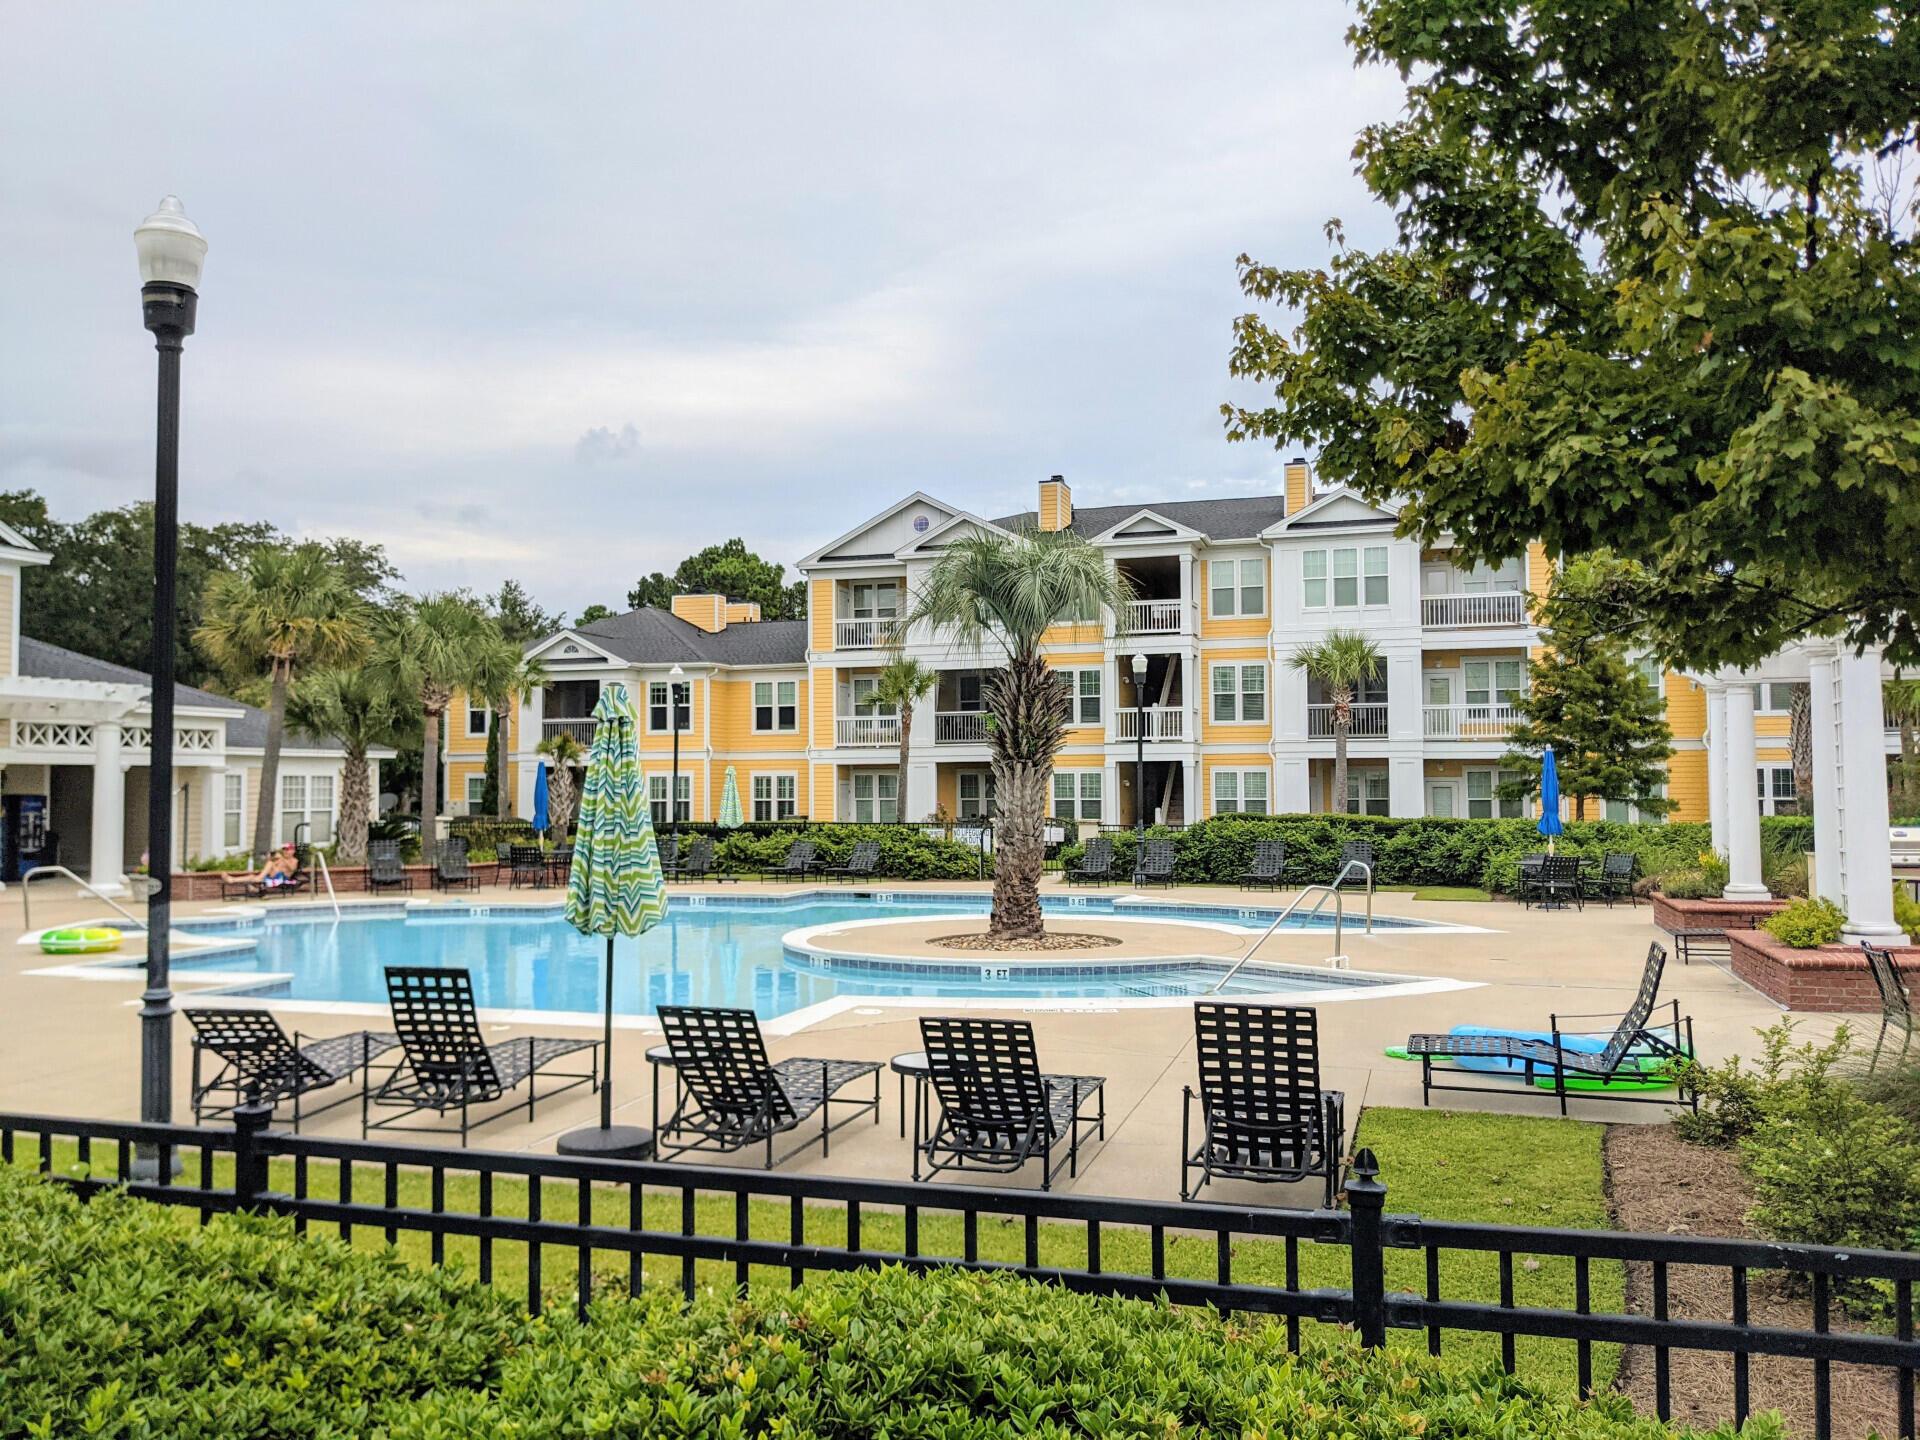 Southampton Pointe Homes For Sale - 2500 Beaucastle, Mount Pleasant, SC - 1